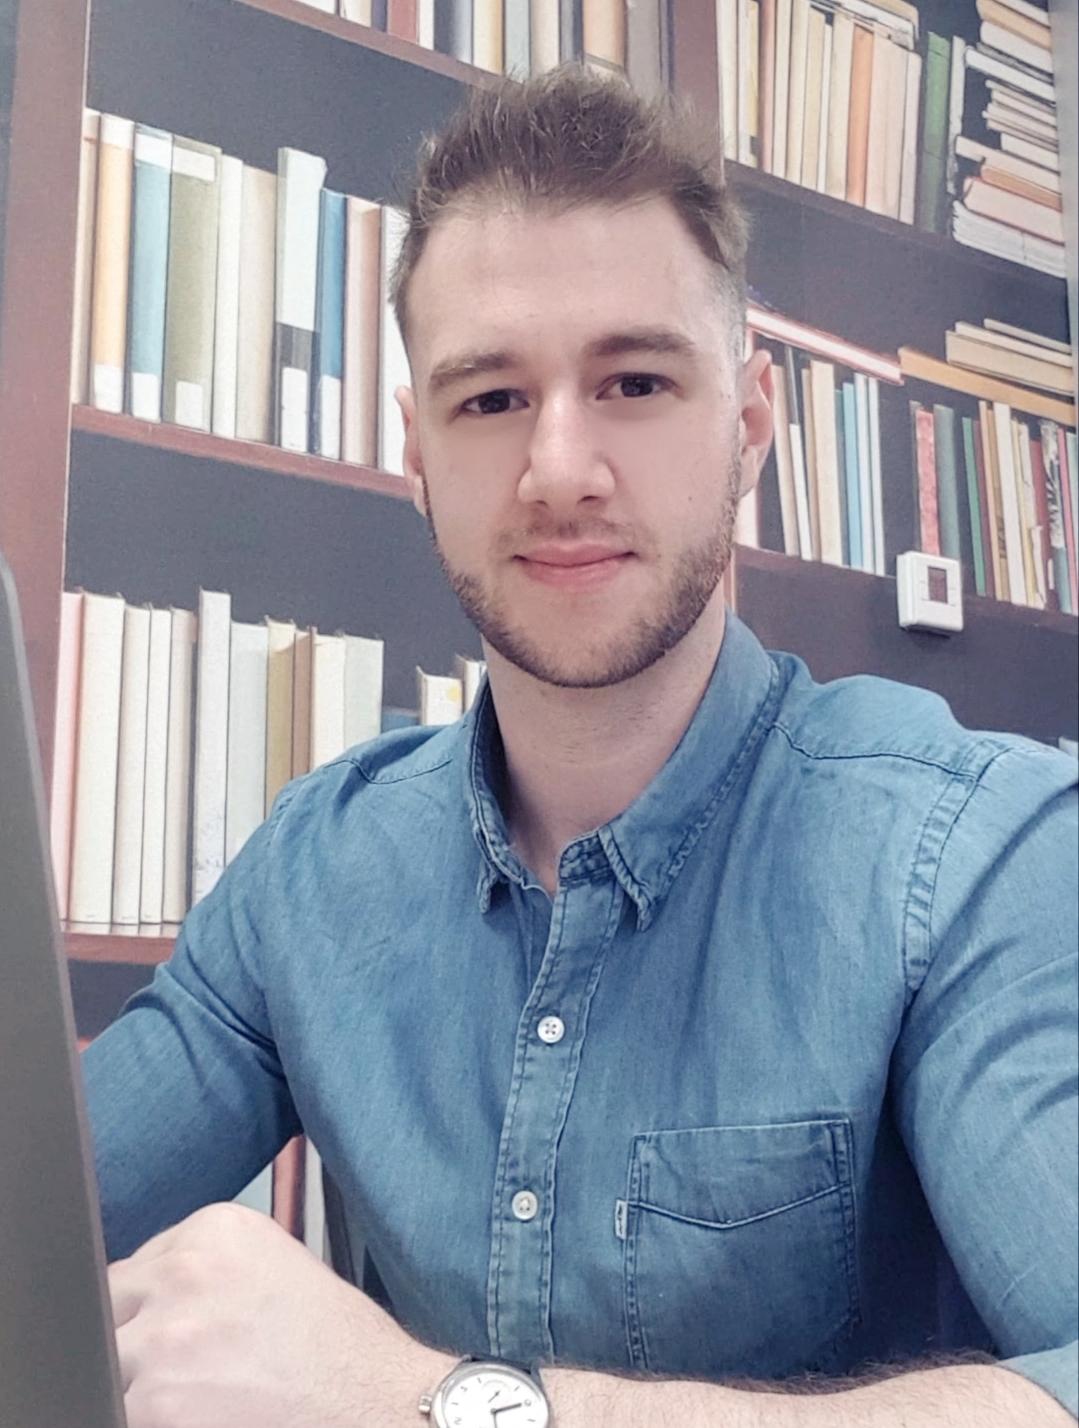 Daniel Wertheimer